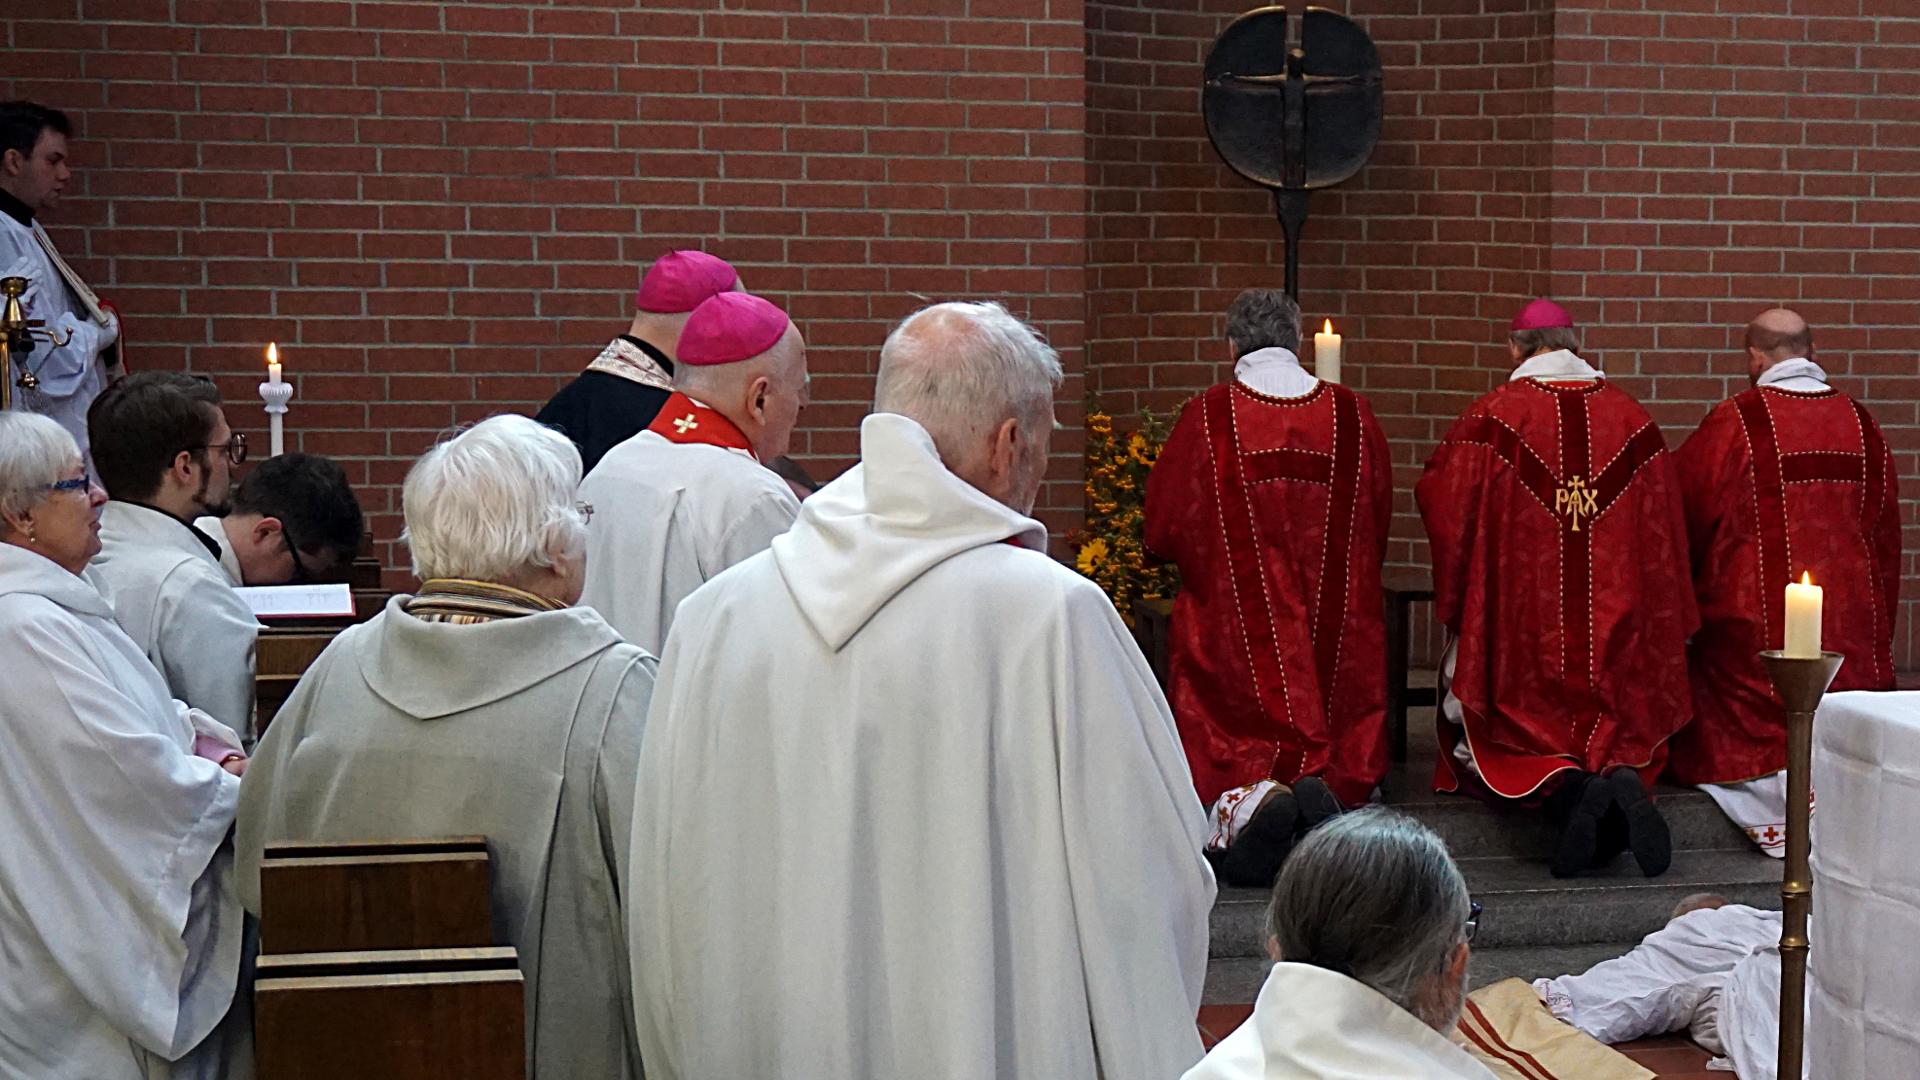 Allerheiligenlitanei Prostatio Presbyterweihe Priesterweihe 2017 SJB Johannesbruderschaft